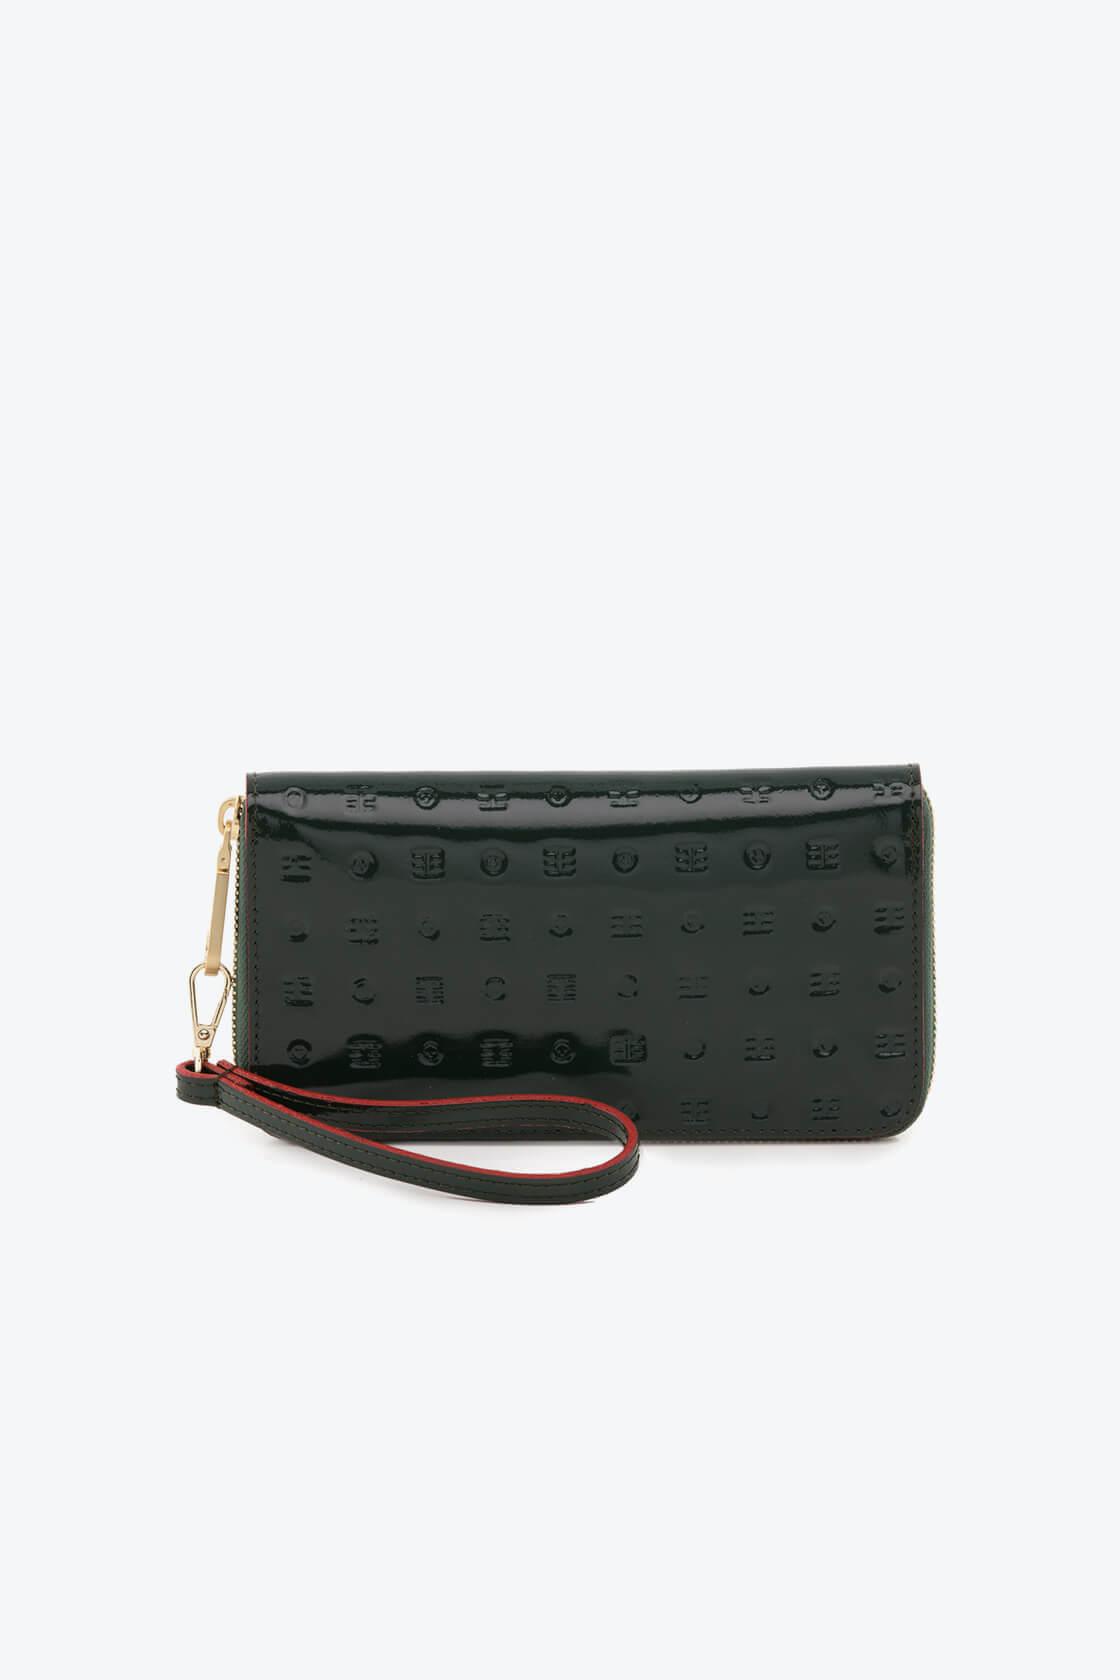 ol80000120 wristlet multi pockets wallet 1